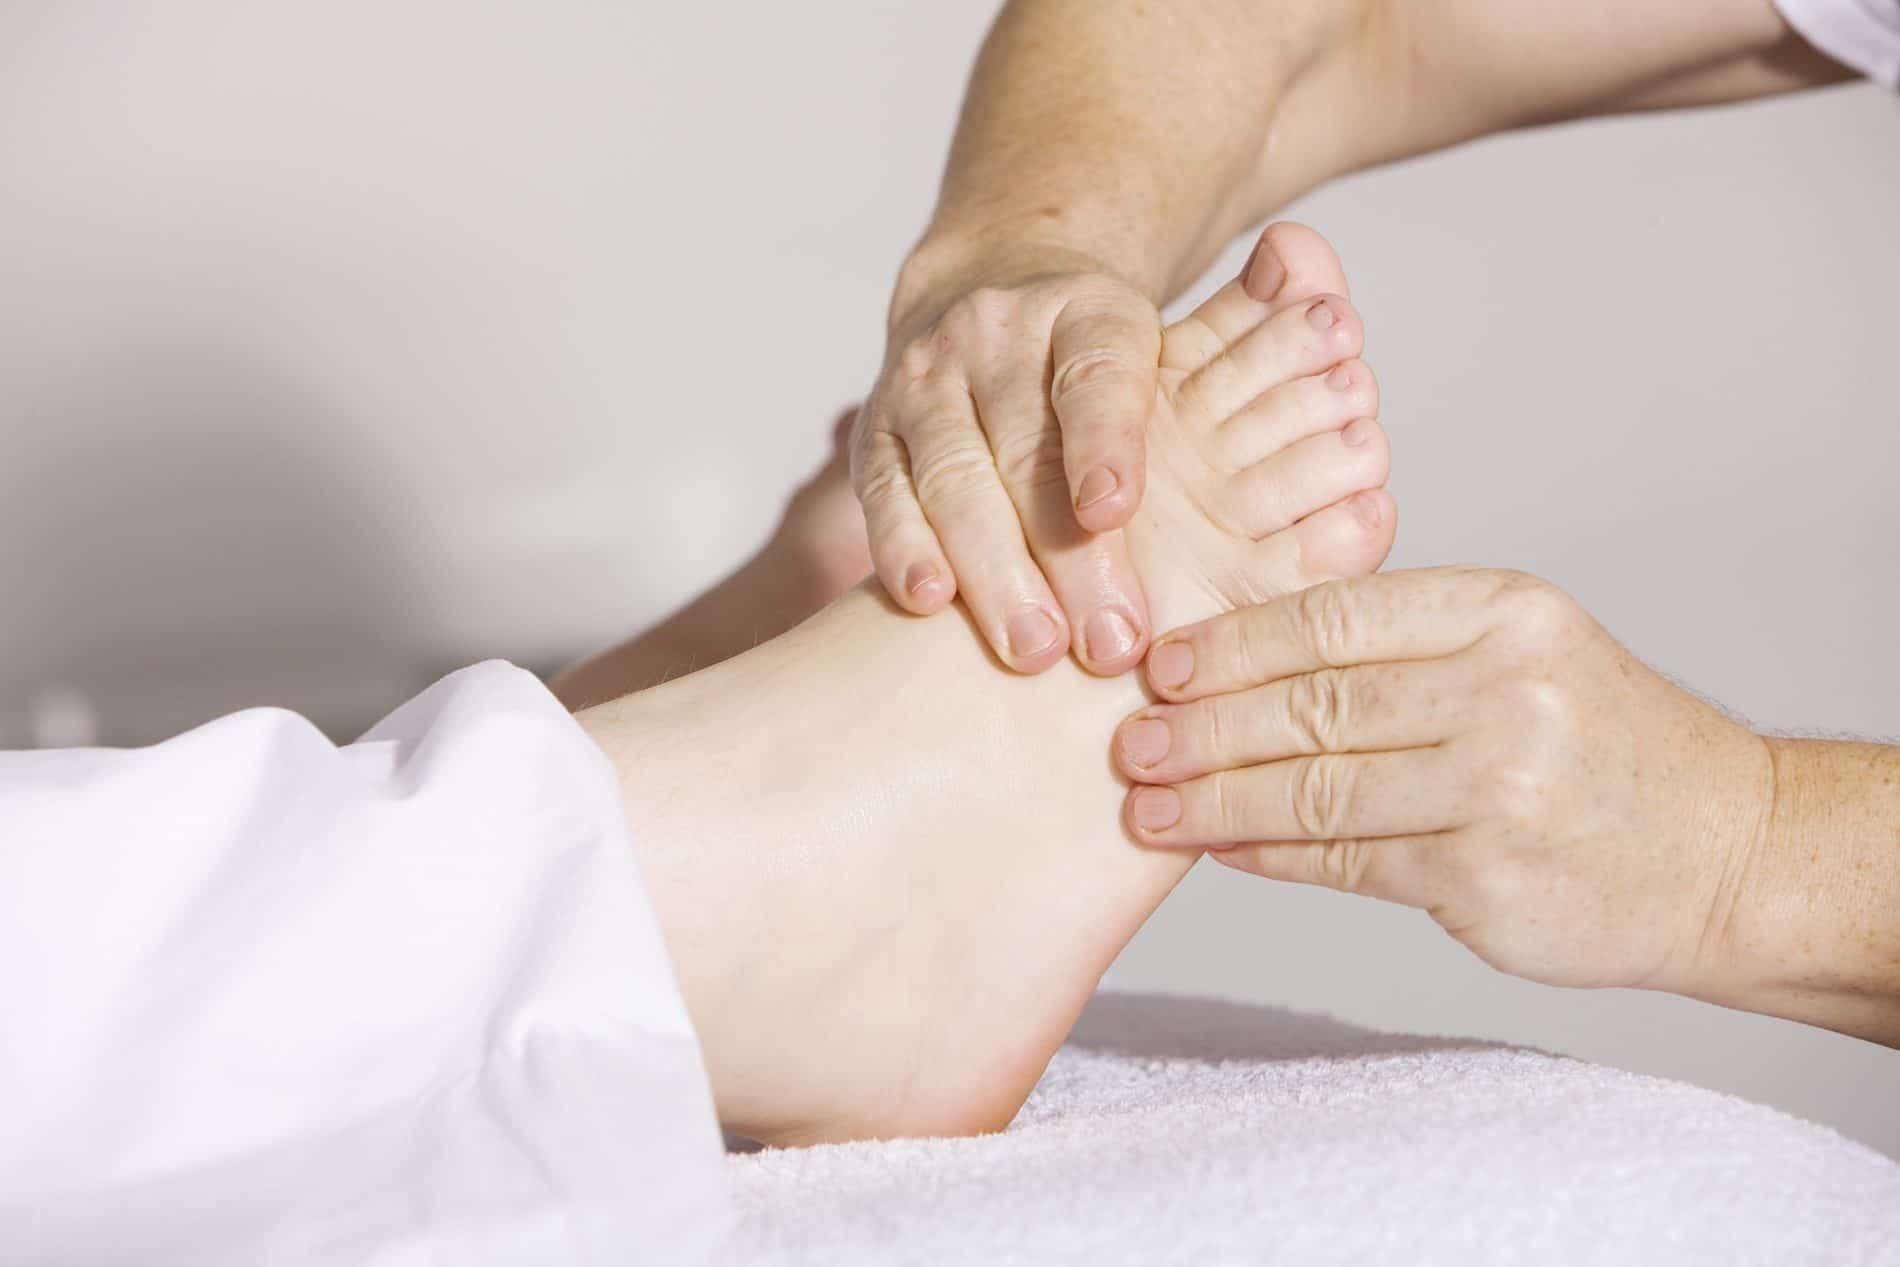 réflexologie plantaire saint-etienne massage de pied